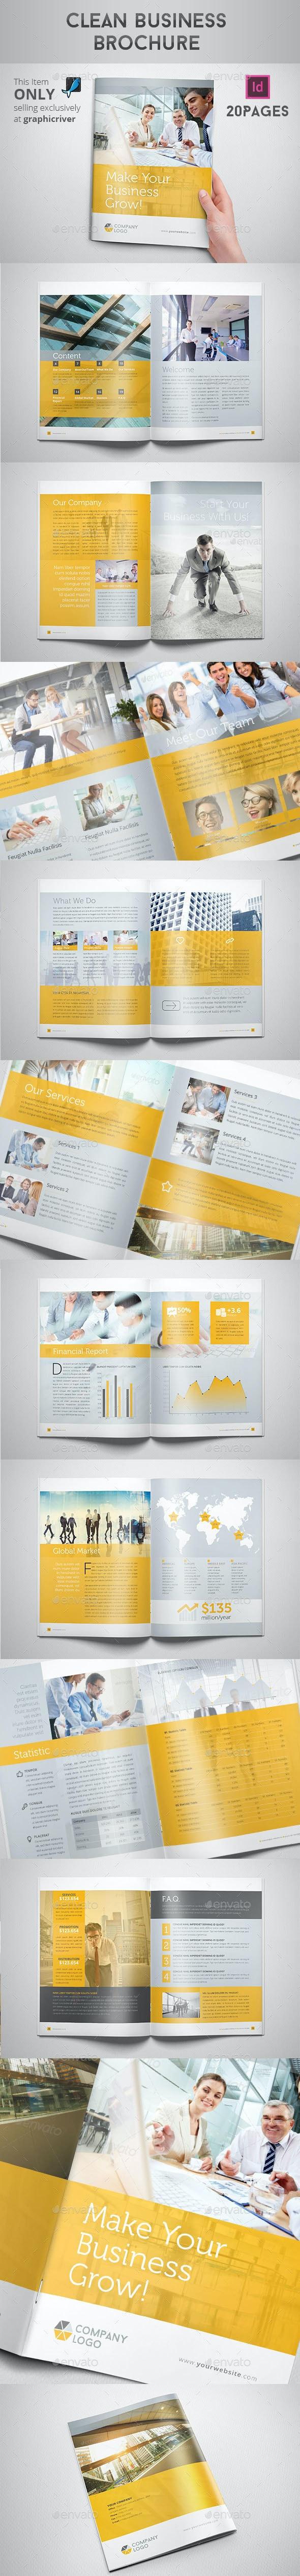 Clean Business Brochure - Corporate Brochures